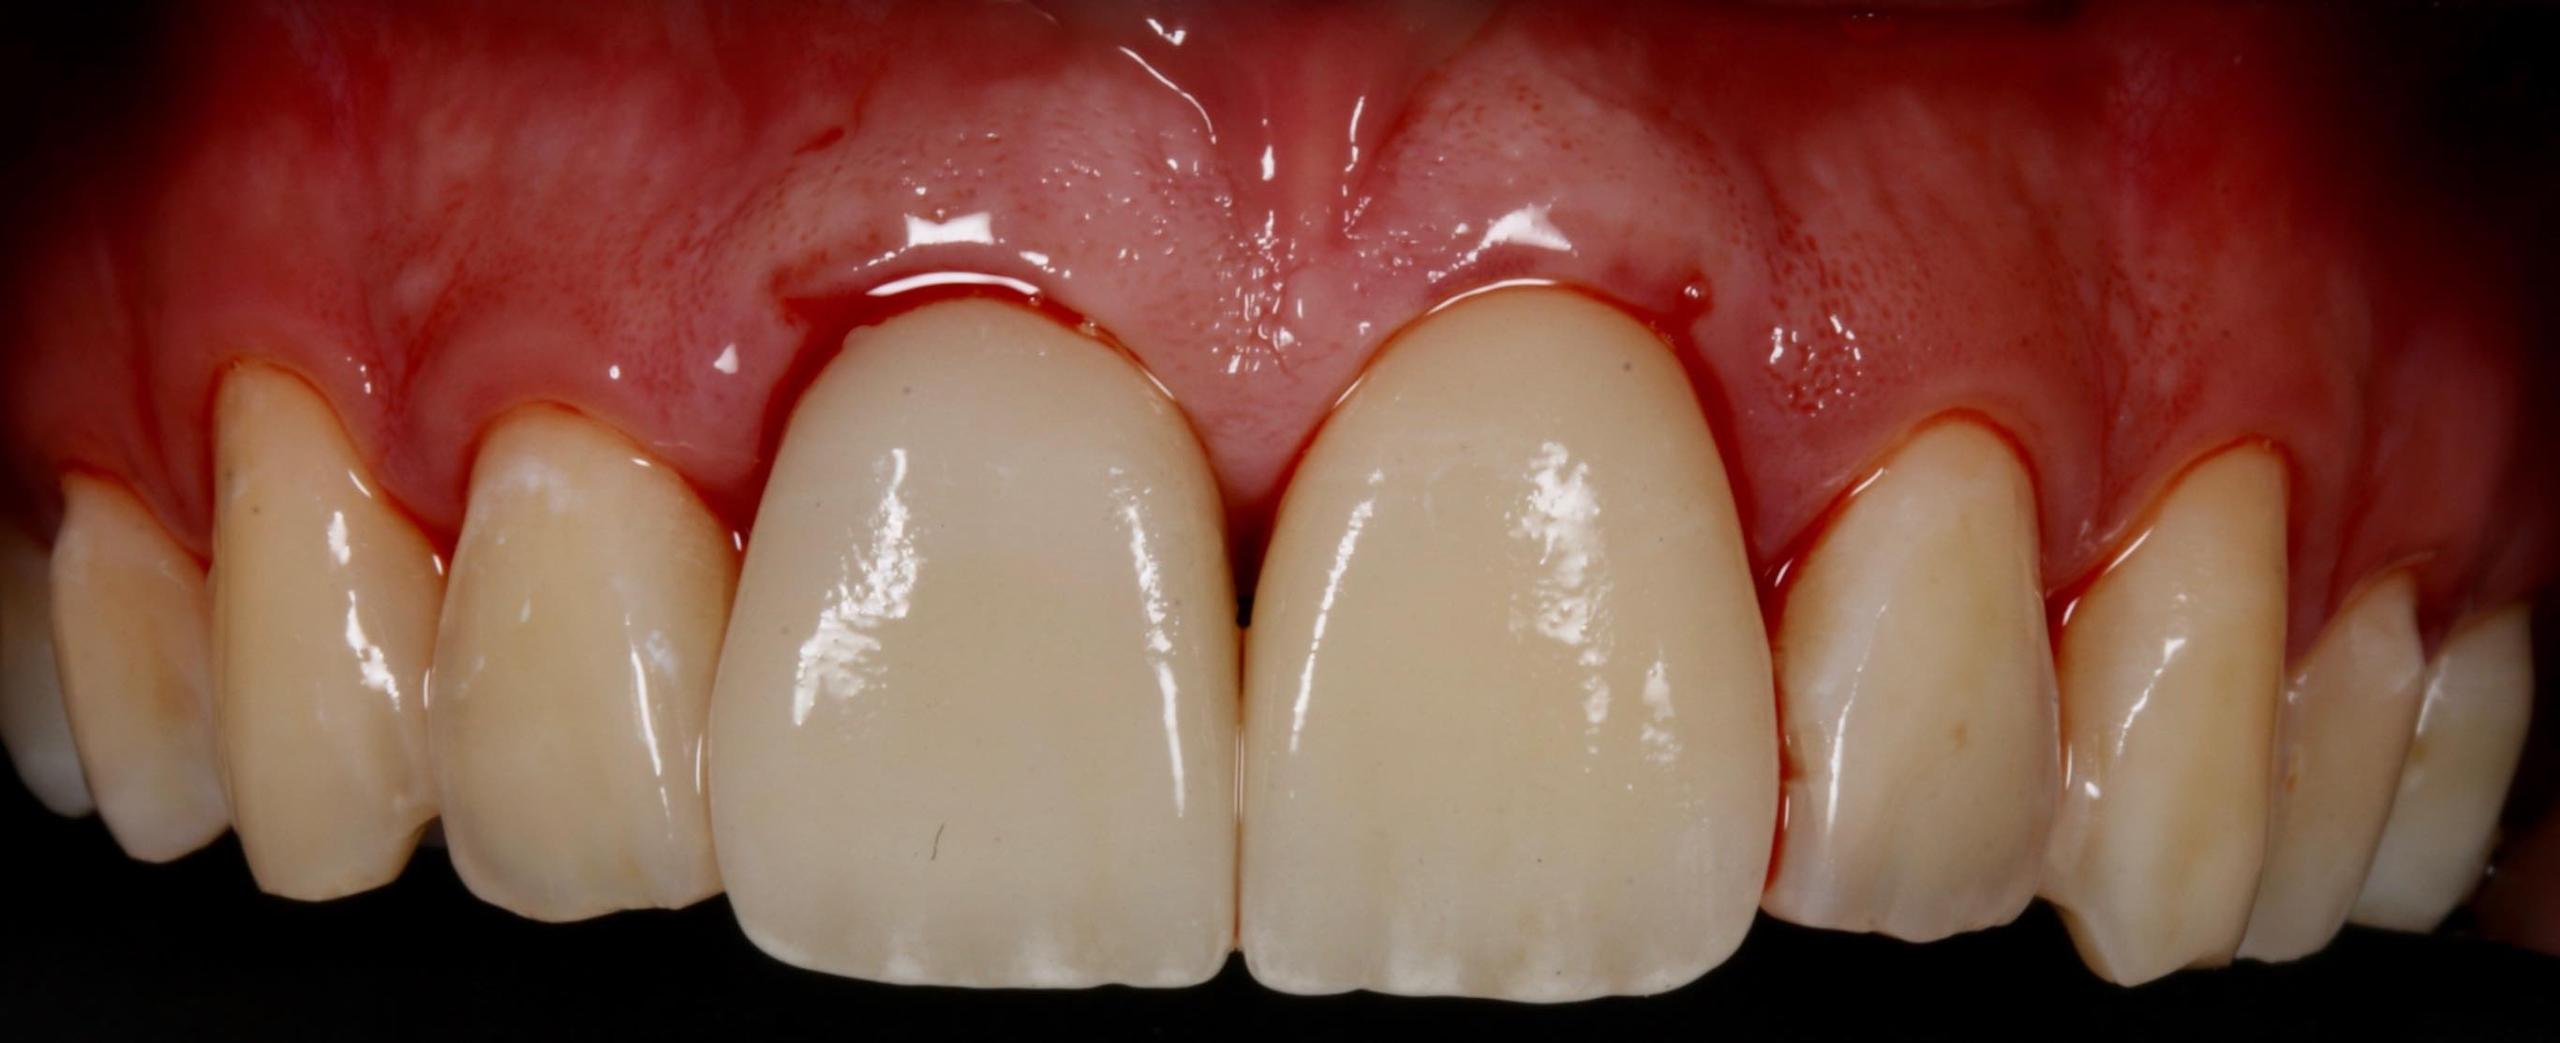 Federico-Campedelli-Dentista-a-Carpi-Faccette-Dentali-estetica-e-struttura-